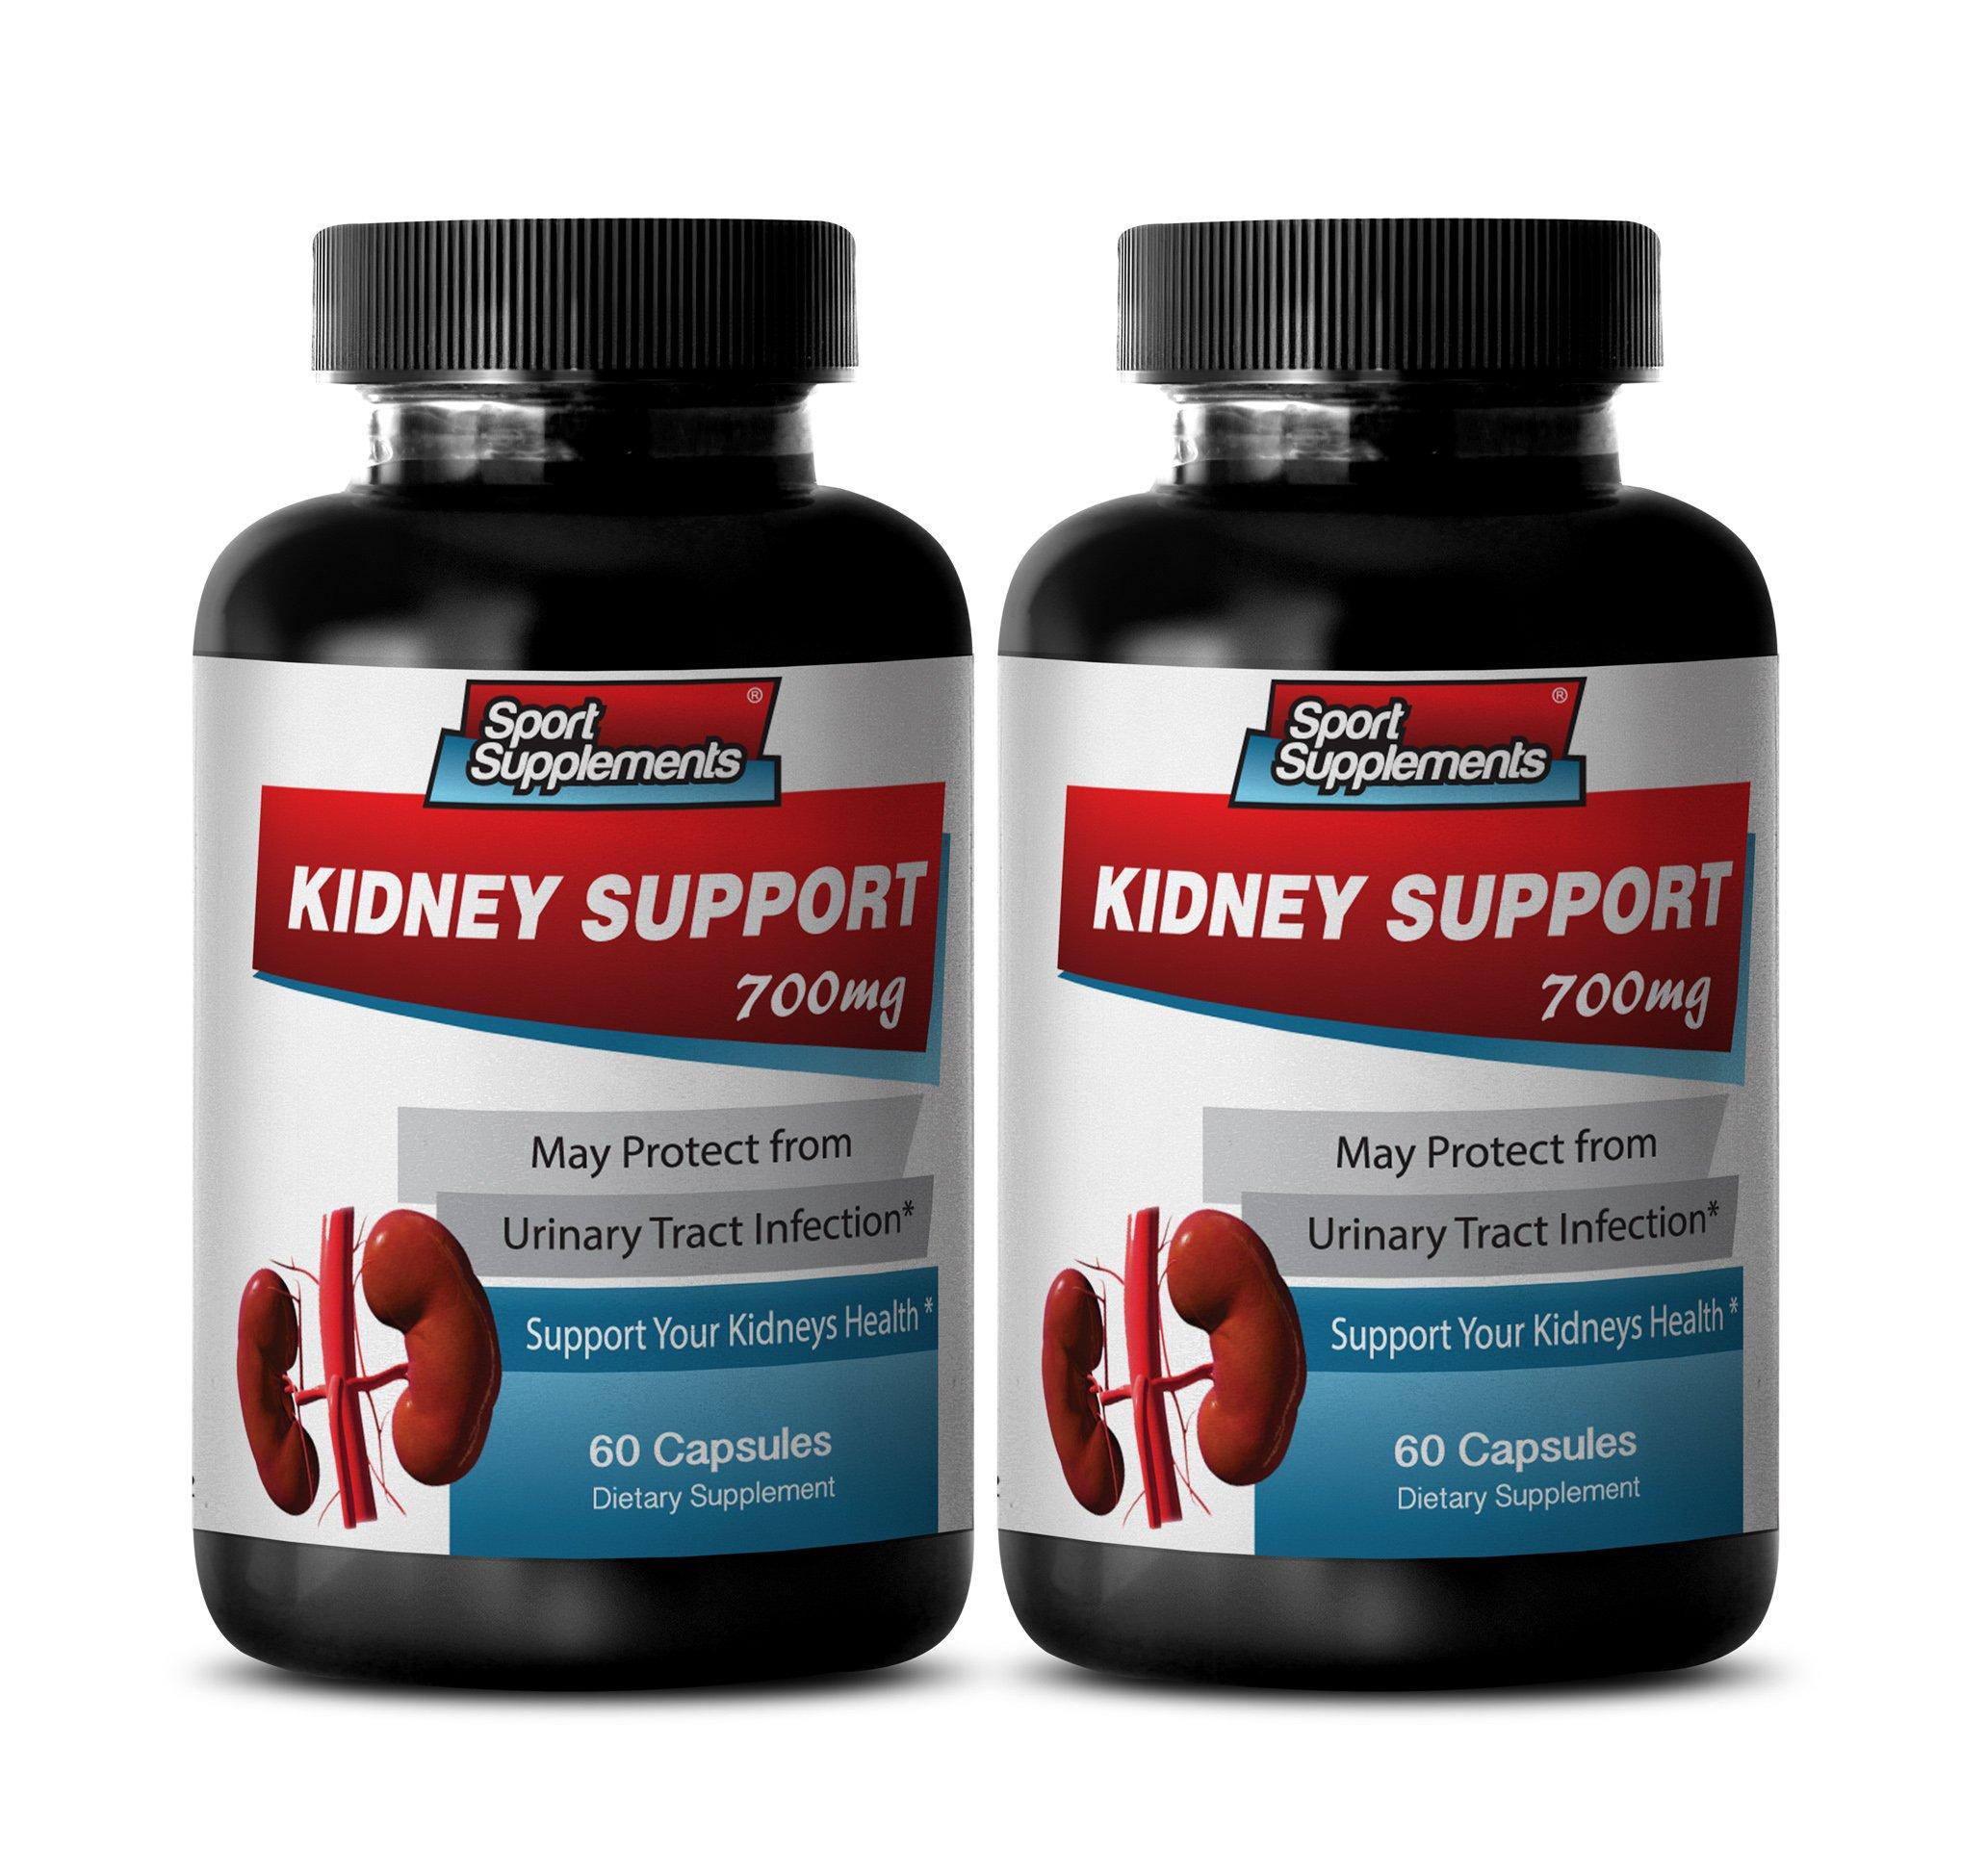 antiaging skin care - KIDNEY SUPPORT - nettles tea - 2 Bottles (120 Capsules)